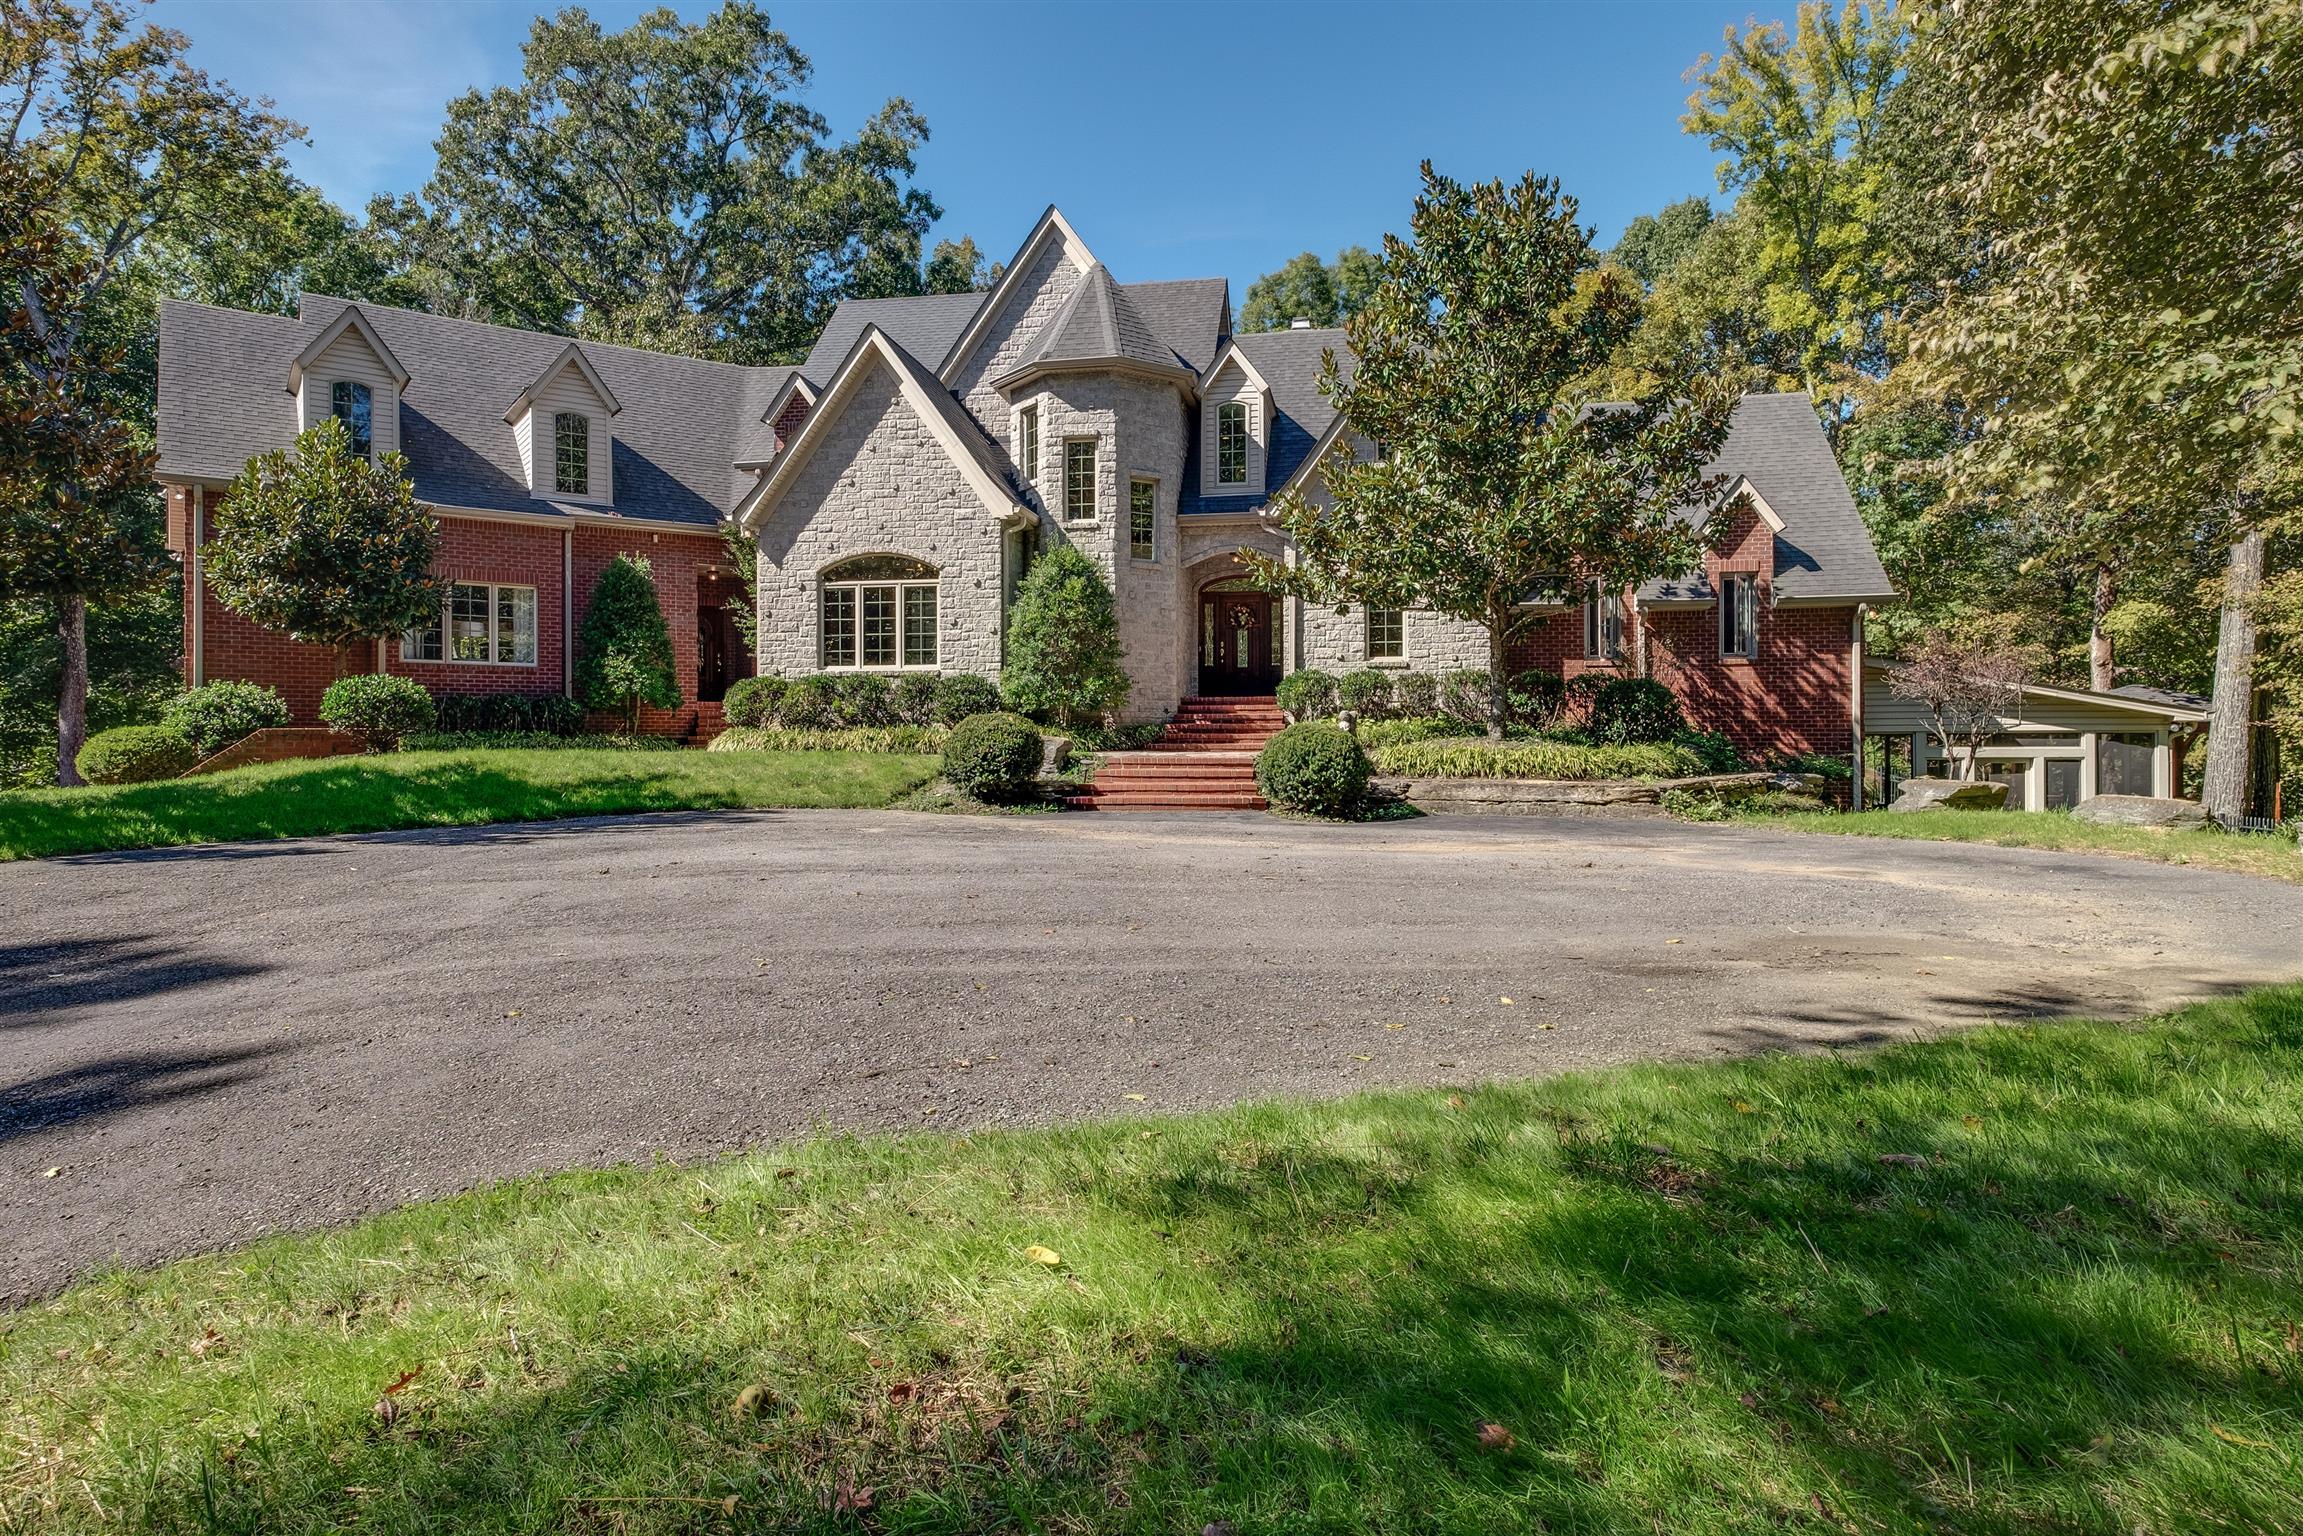 7446 River Road Pike, Nashville, TN 37209 - Nashville, TN real estate listing